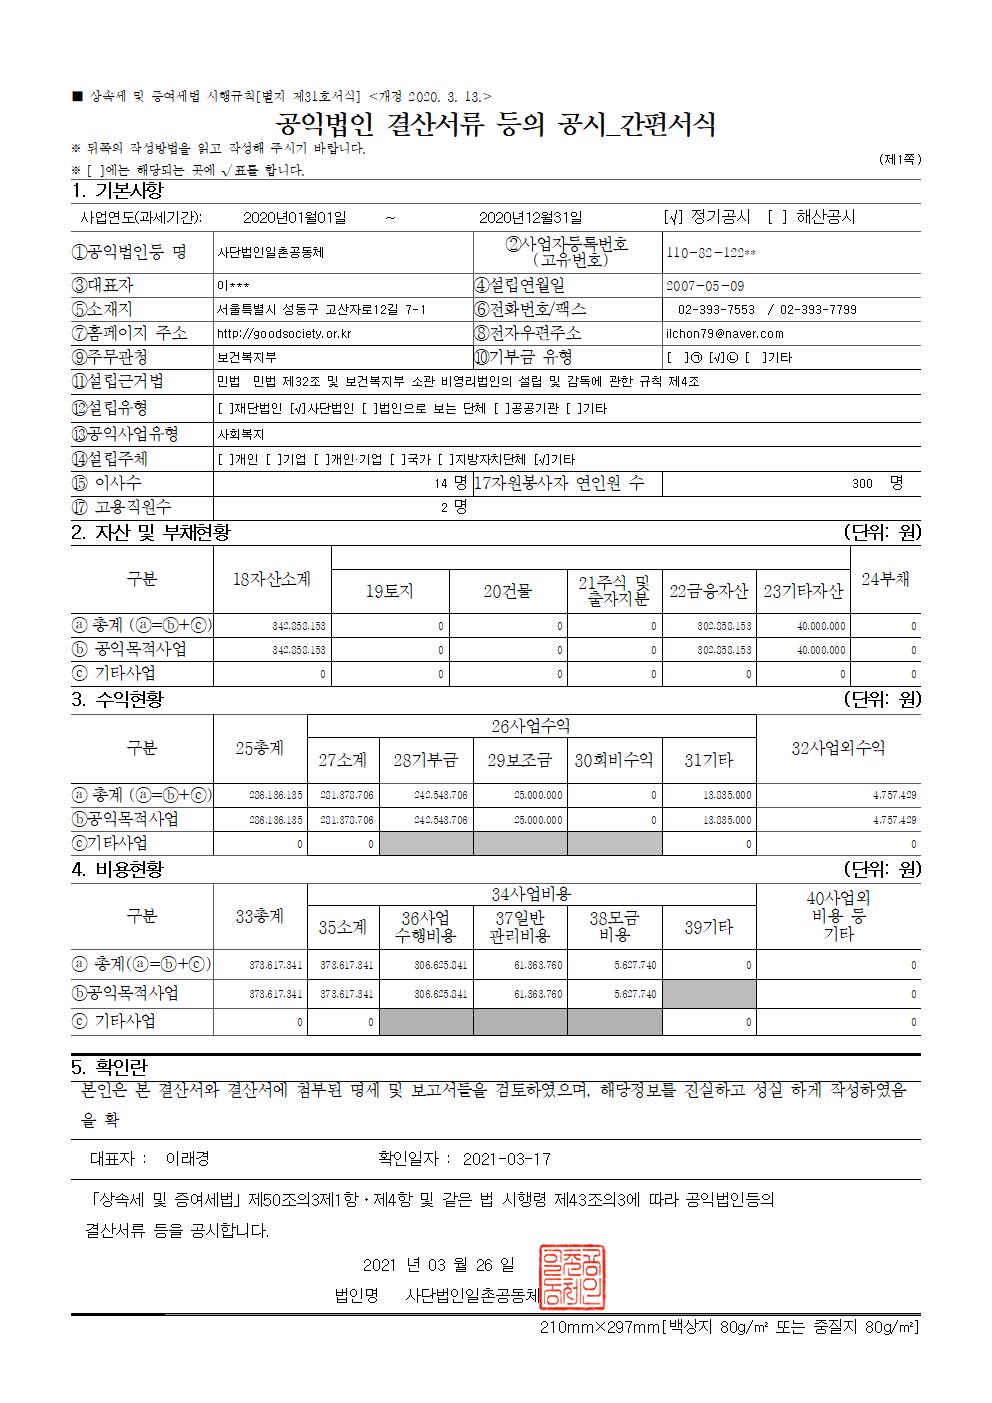 공시 보고서 의무공시 기본사항, 자산보유현황, 수입금액 및 필요경비 현황001.png